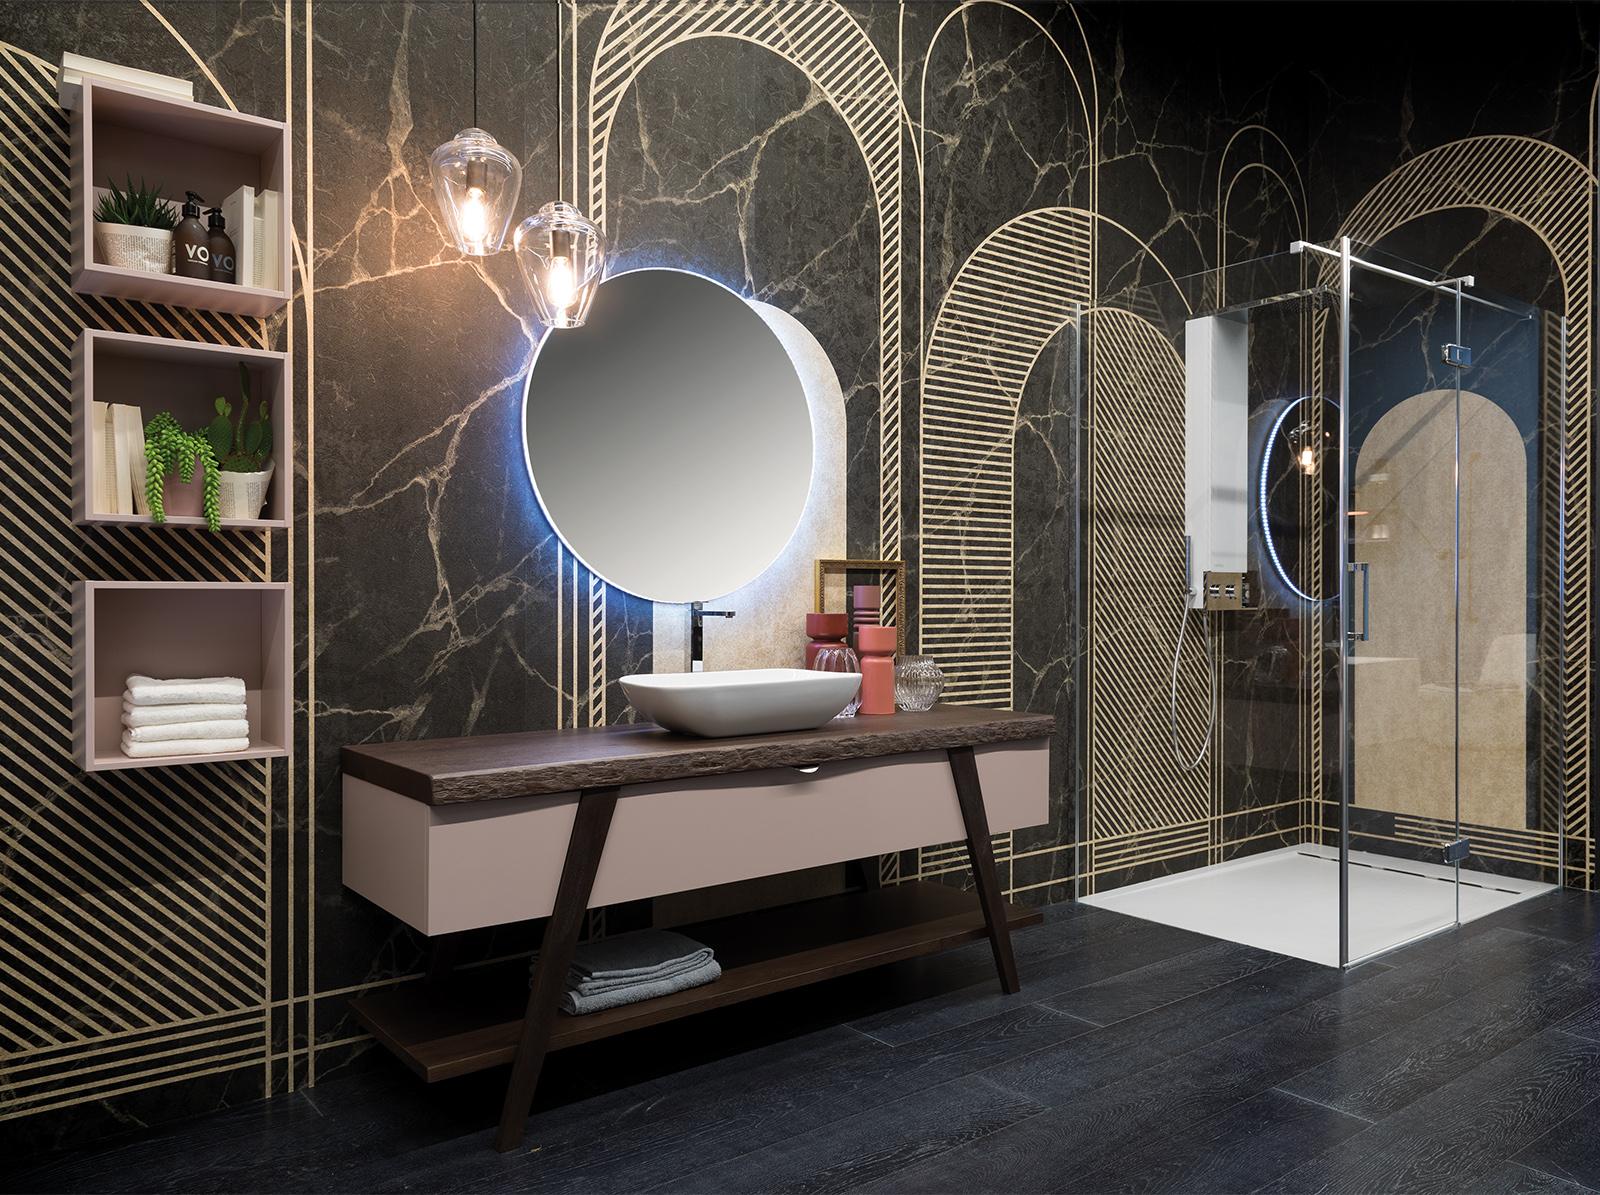 L 39 arredo bagno contemporaneo ed elegante della collezione fratino design contract - Arredo bagno elegante ...